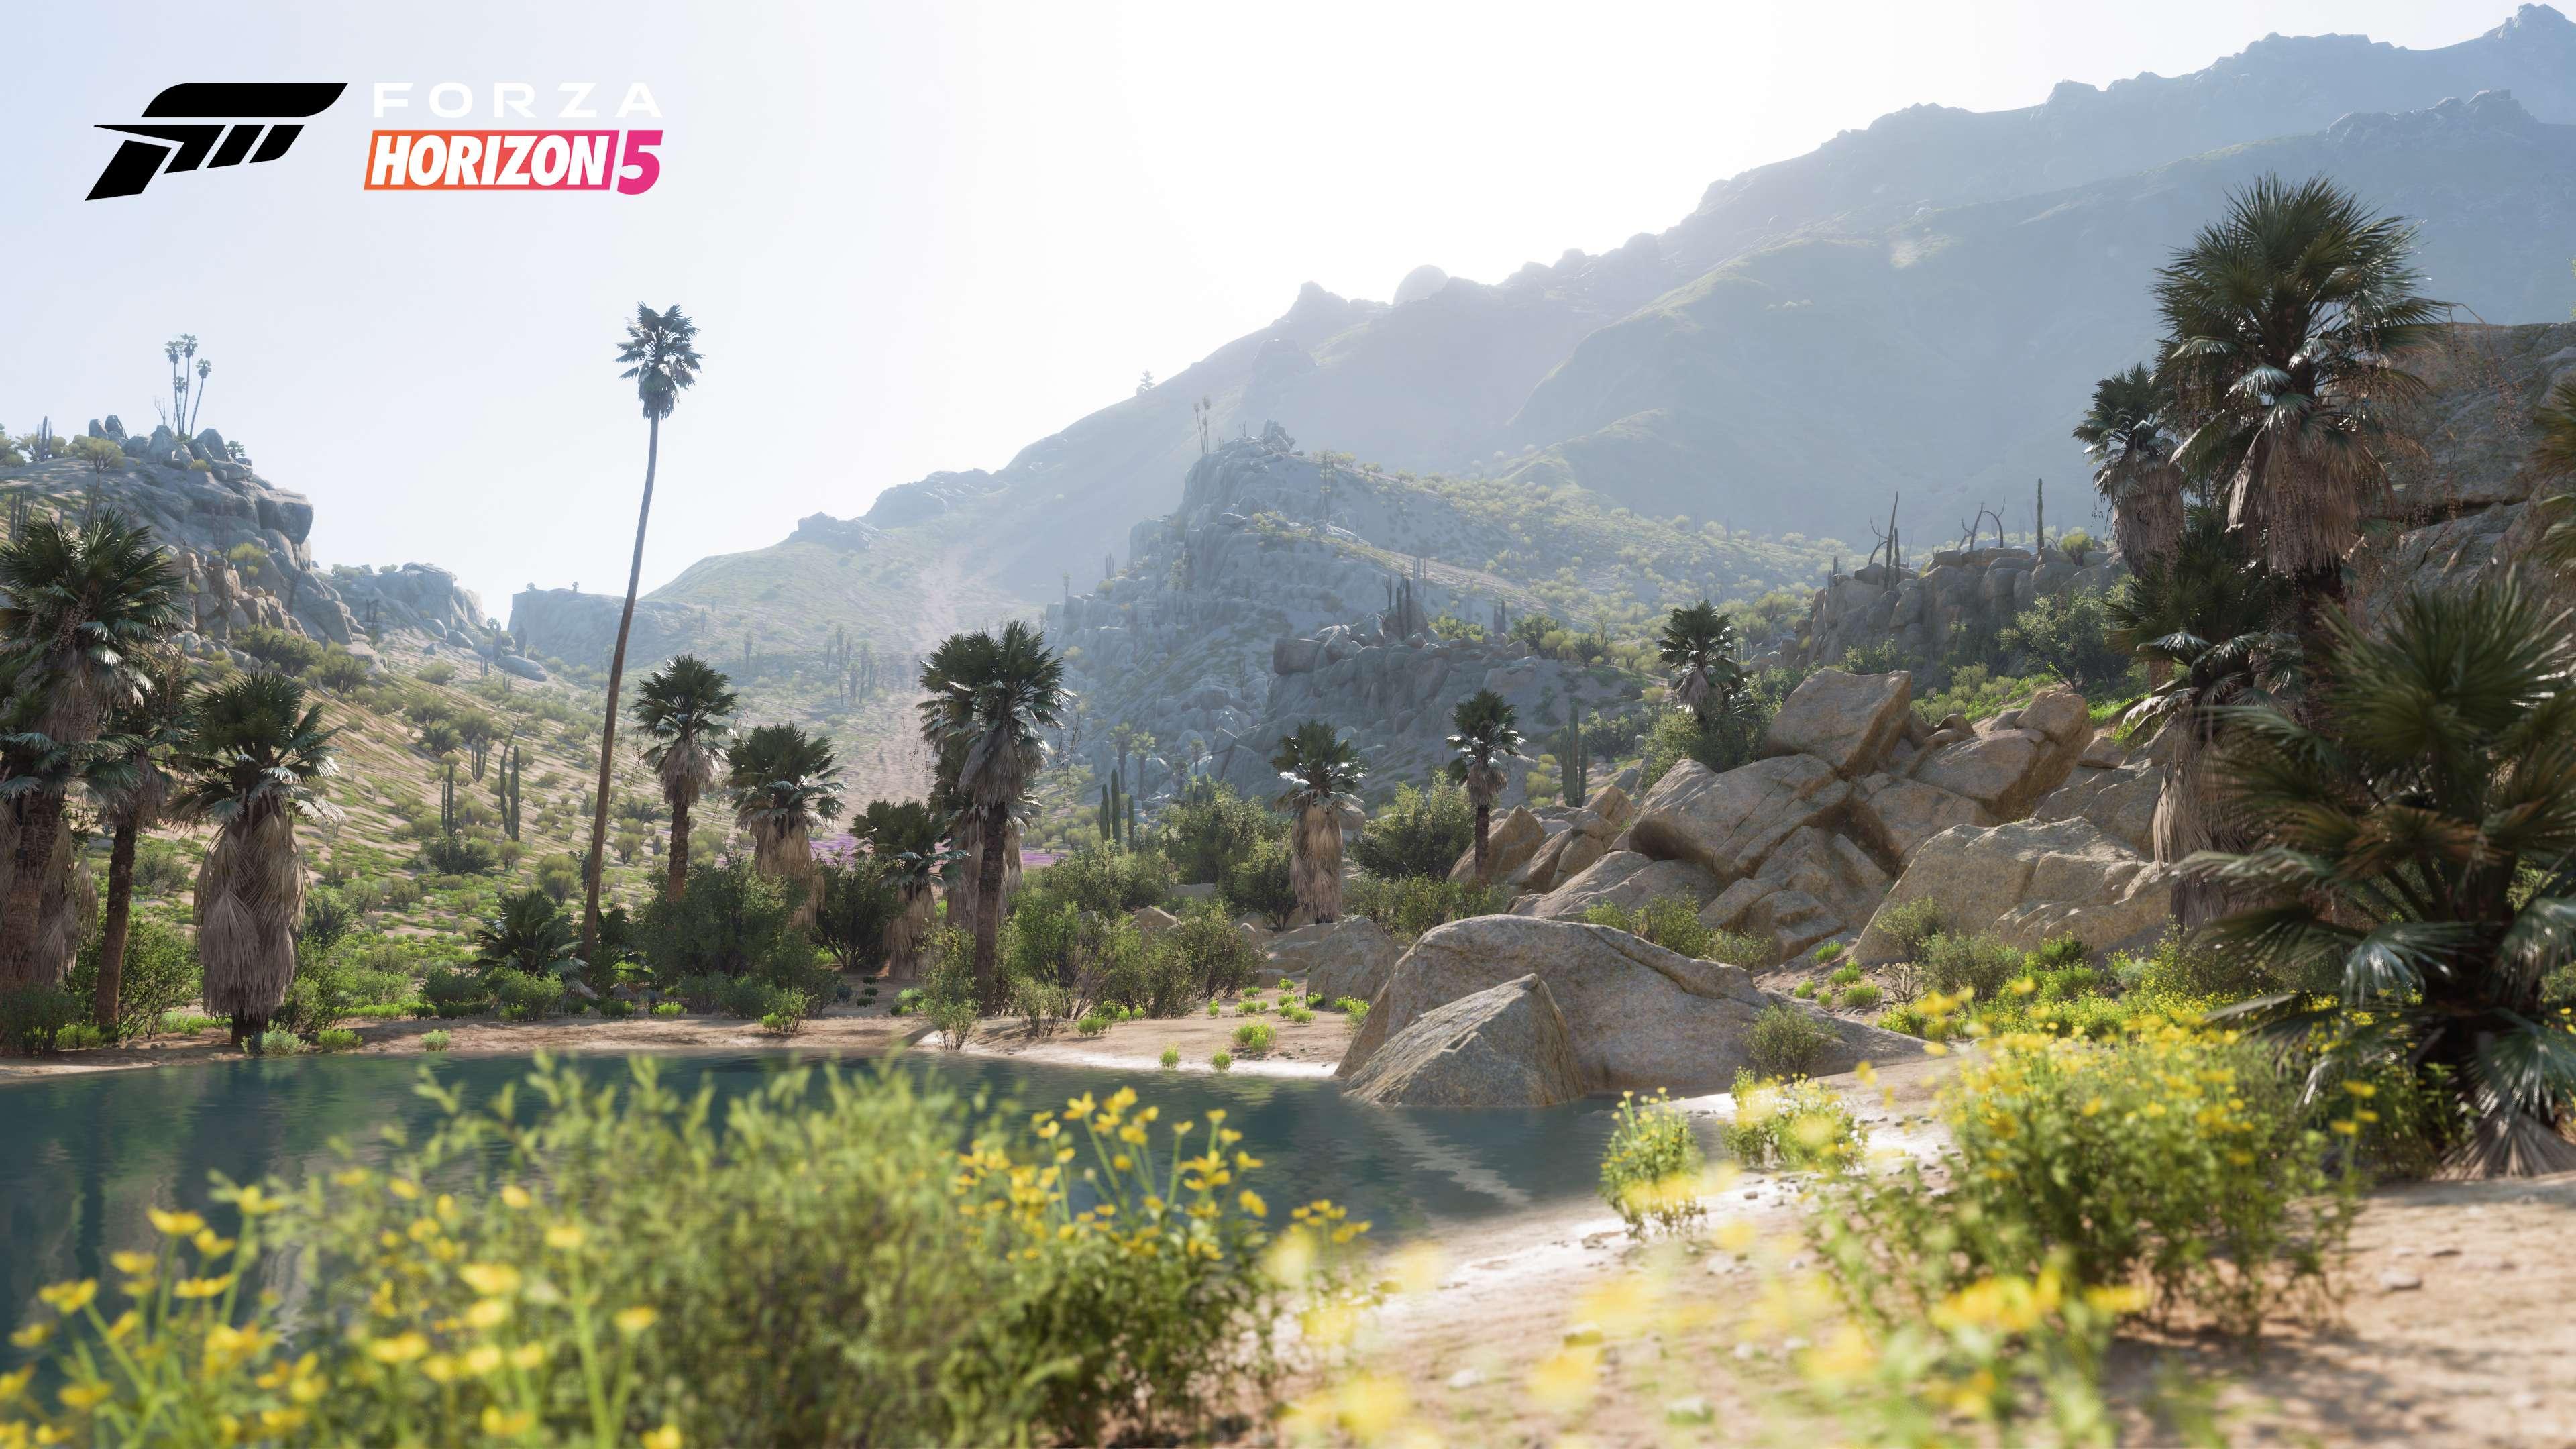 Forza Horizon 5 music